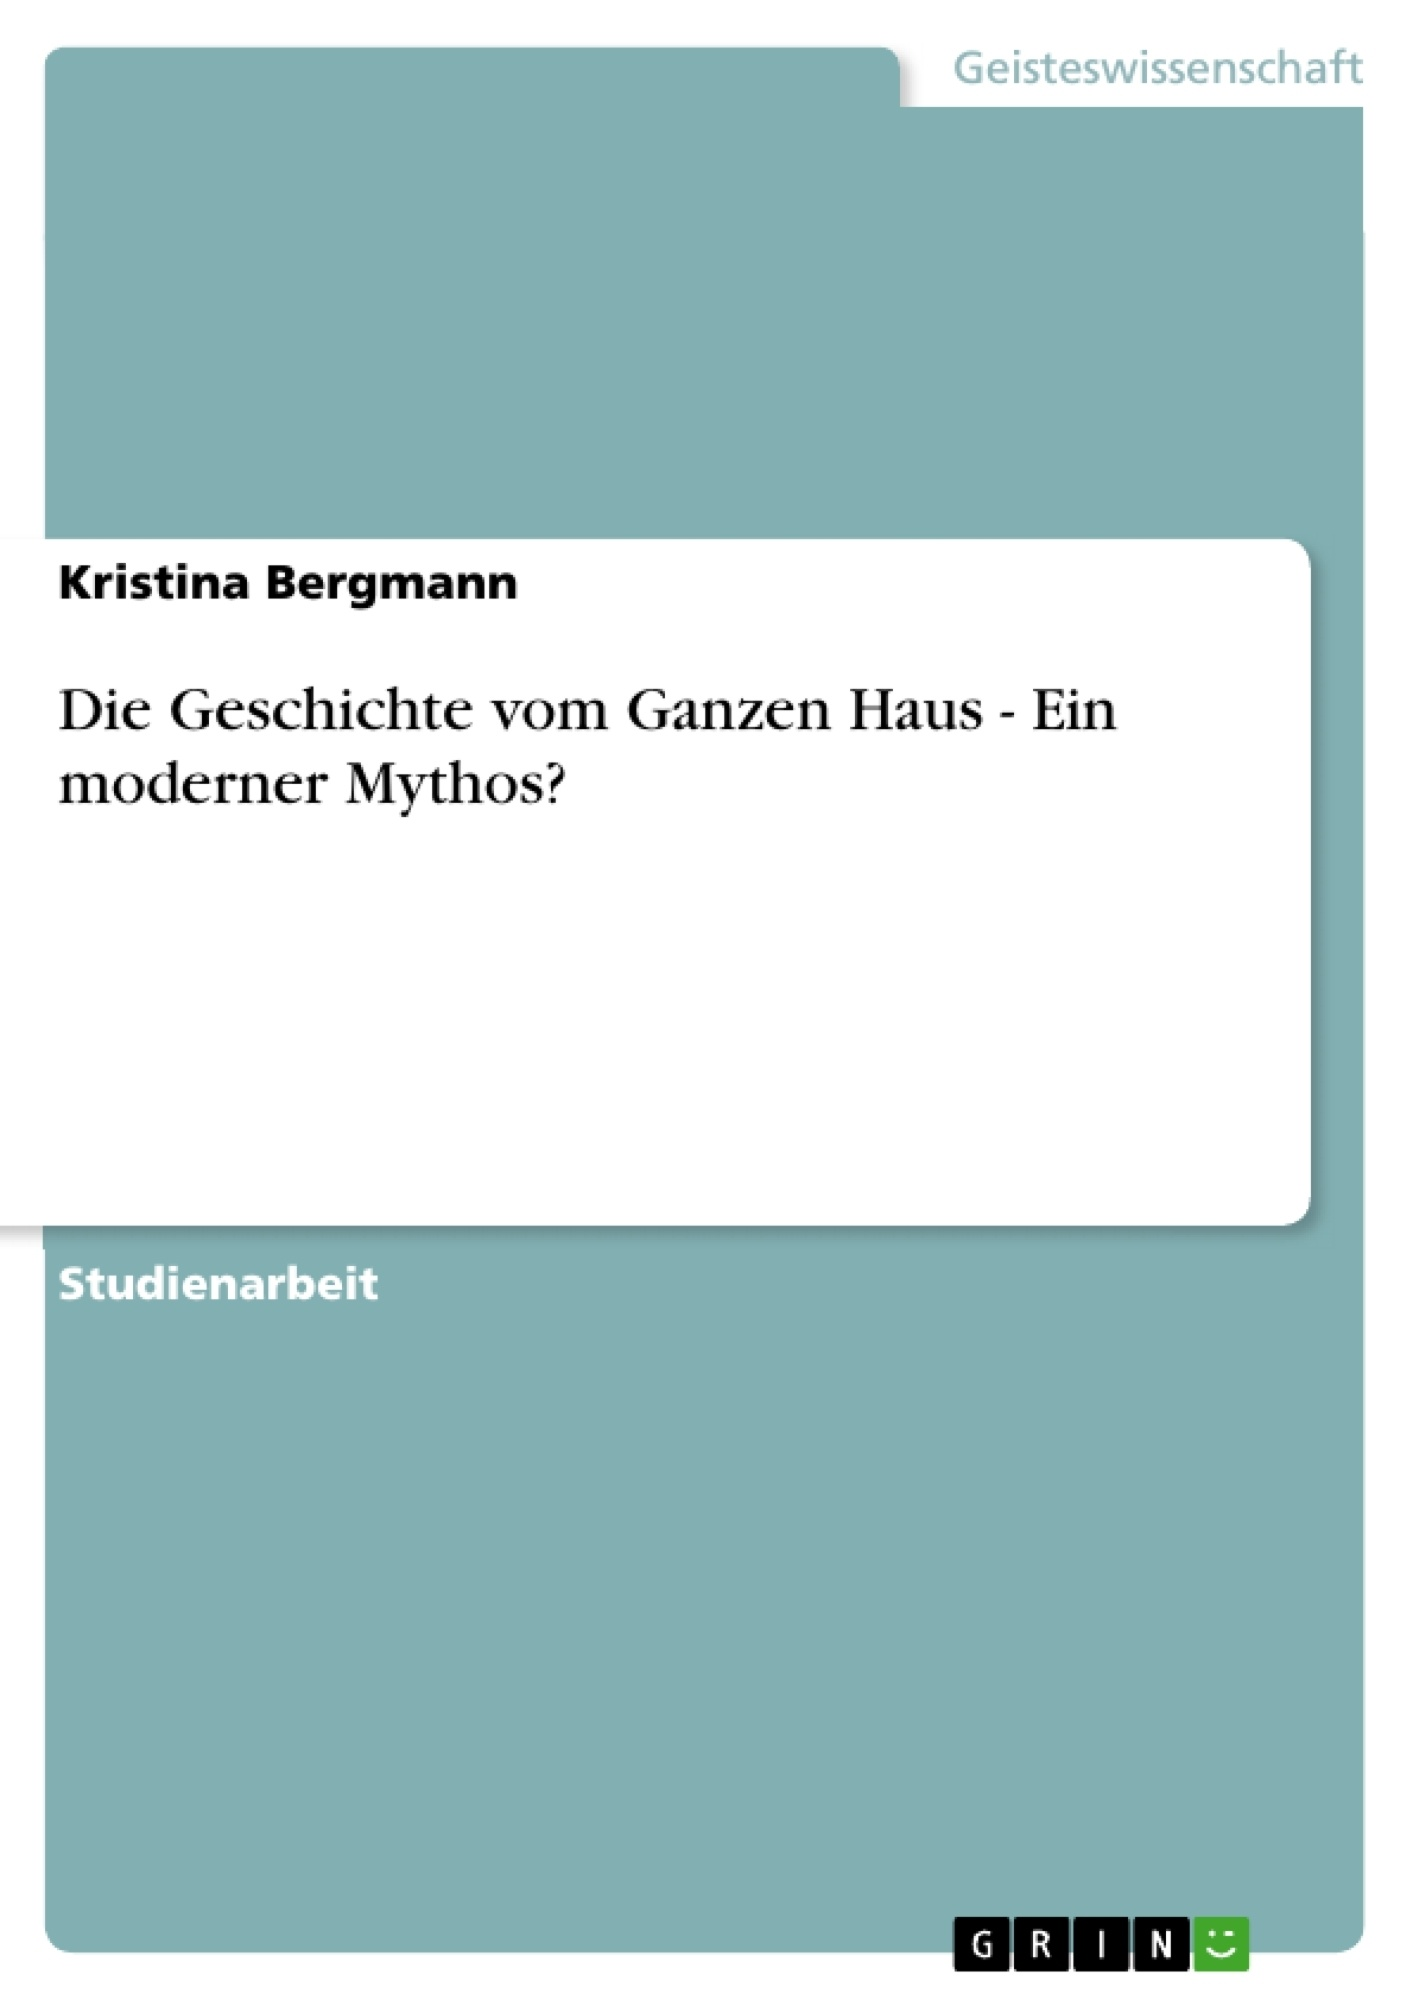 Titel: Die Geschichte vom Ganzen Haus - Ein moderner Mythos?